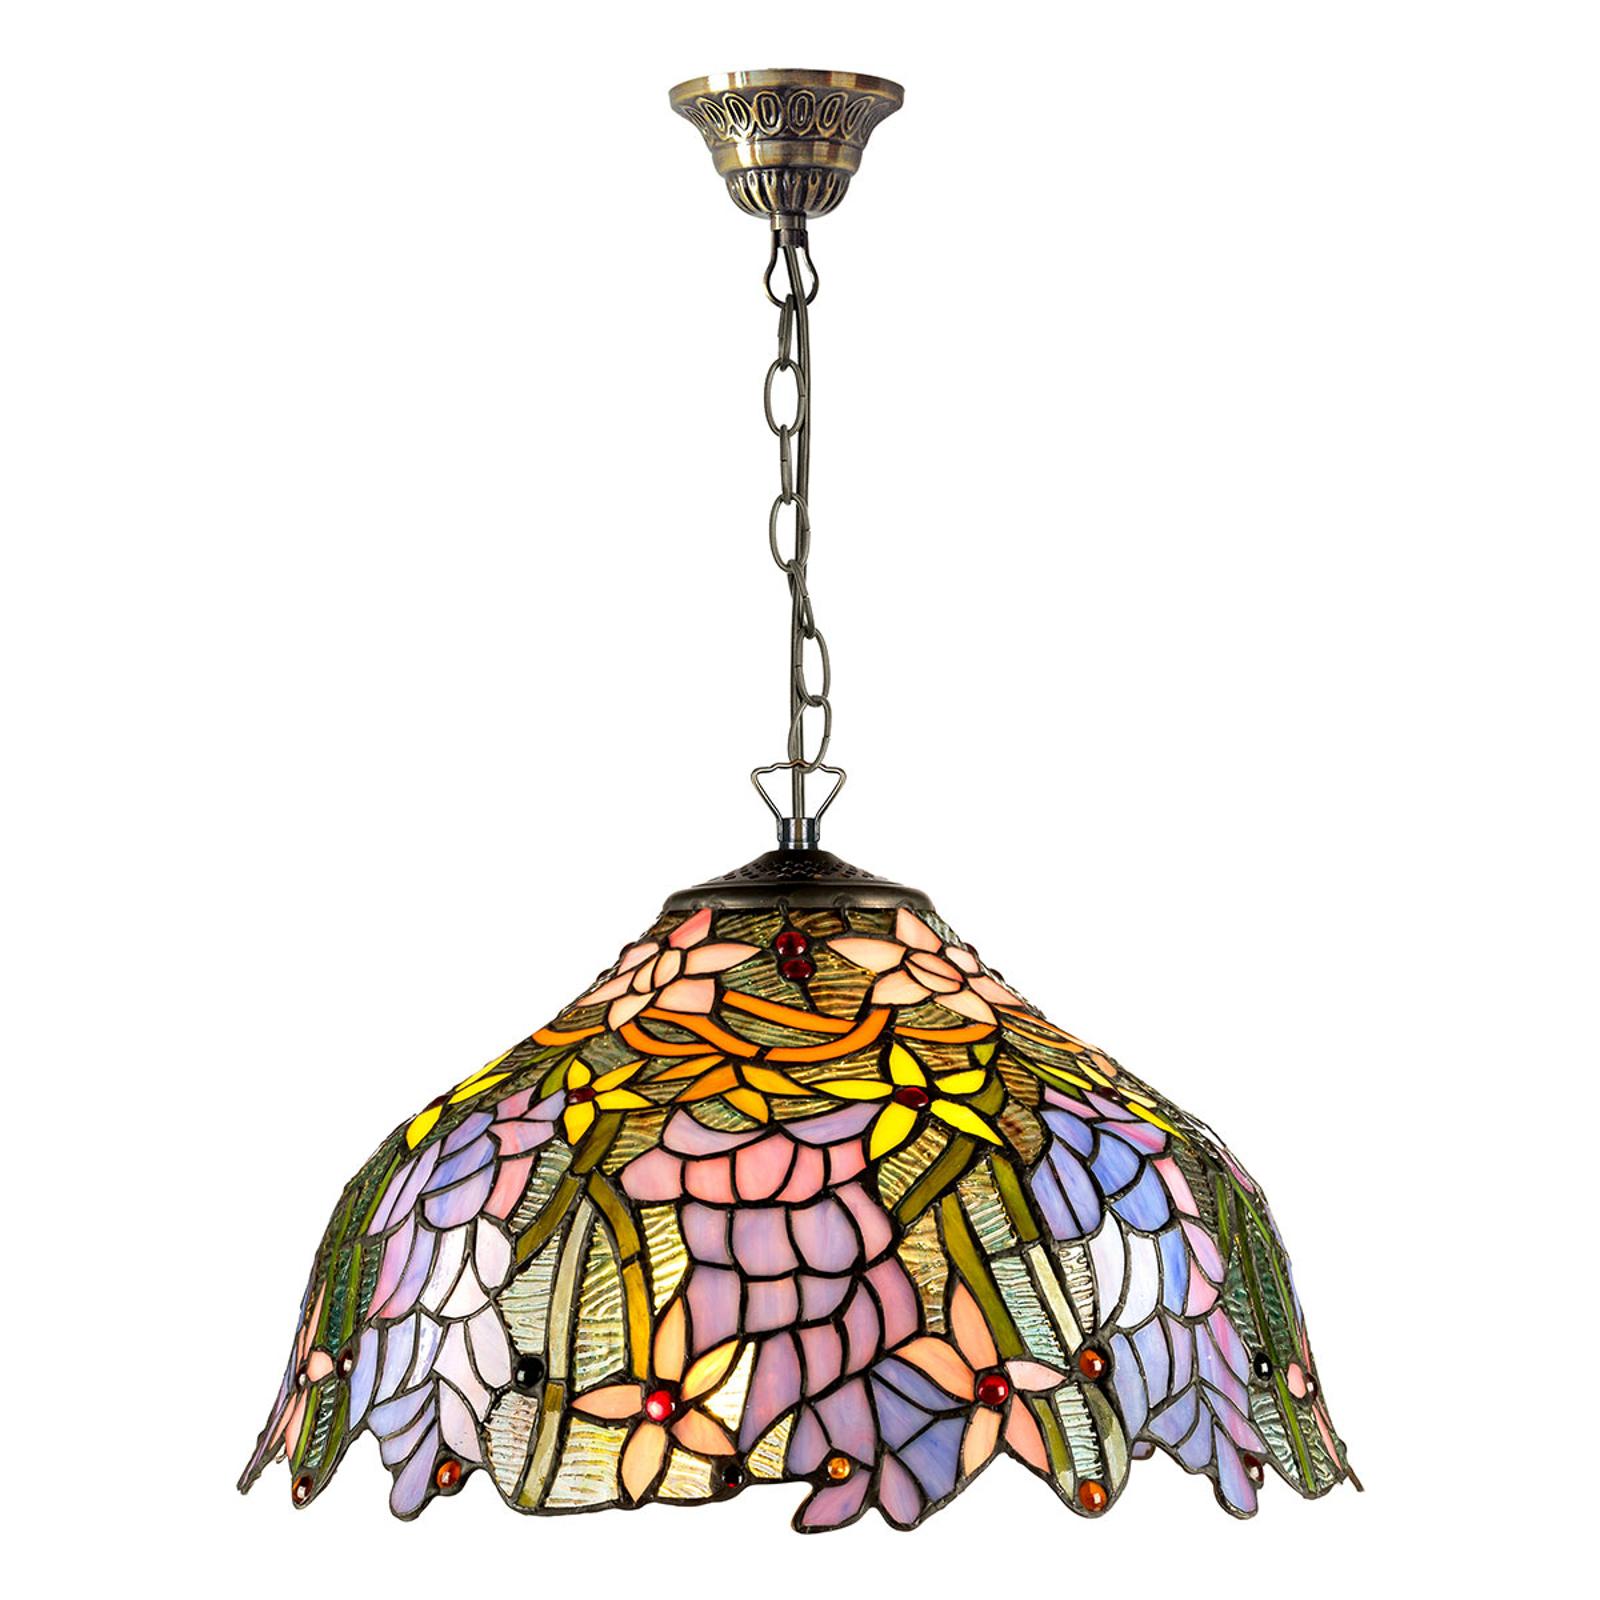 KT1082+C2 hængelampe i Tiffany-stil